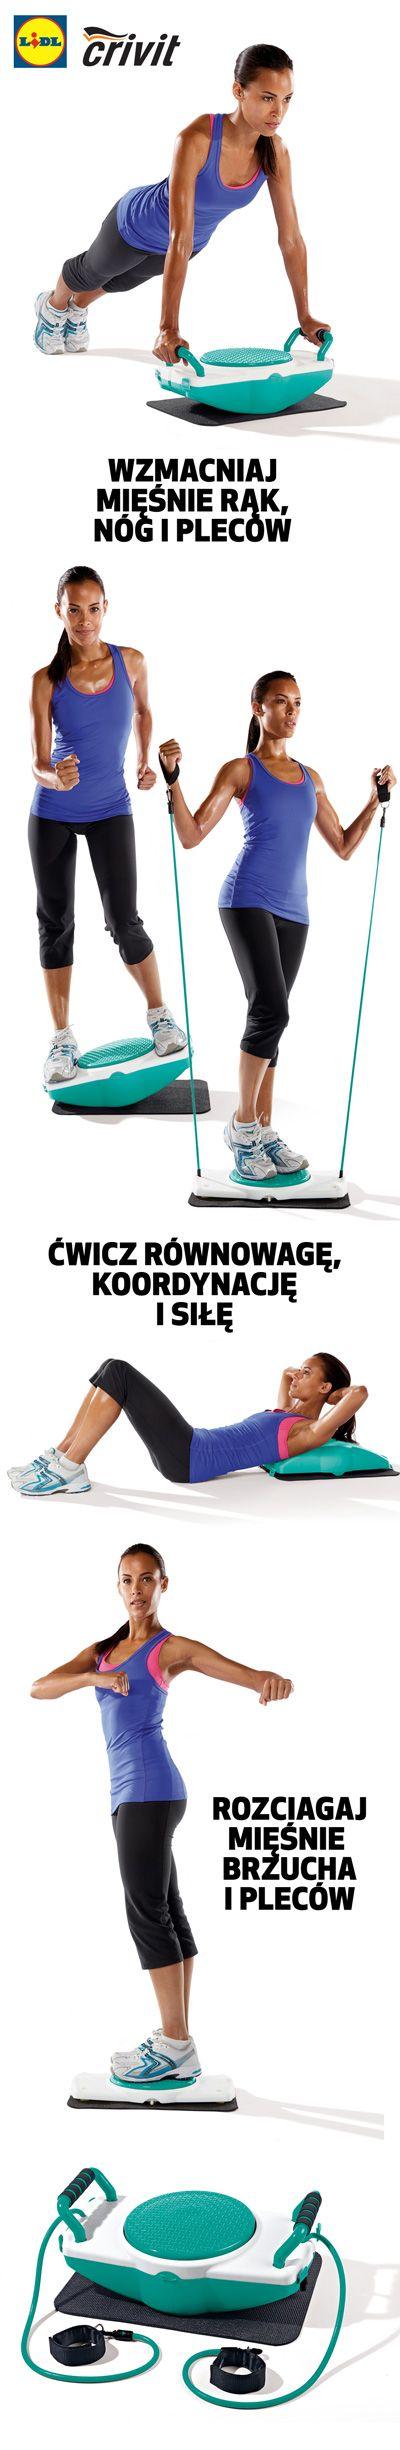 Stwórz swoją domową siłownię. Z pomocą platformy fitness ćwicz swój zmysł równowagi oraz ruchową koordynację! #lidl #trening #fitness